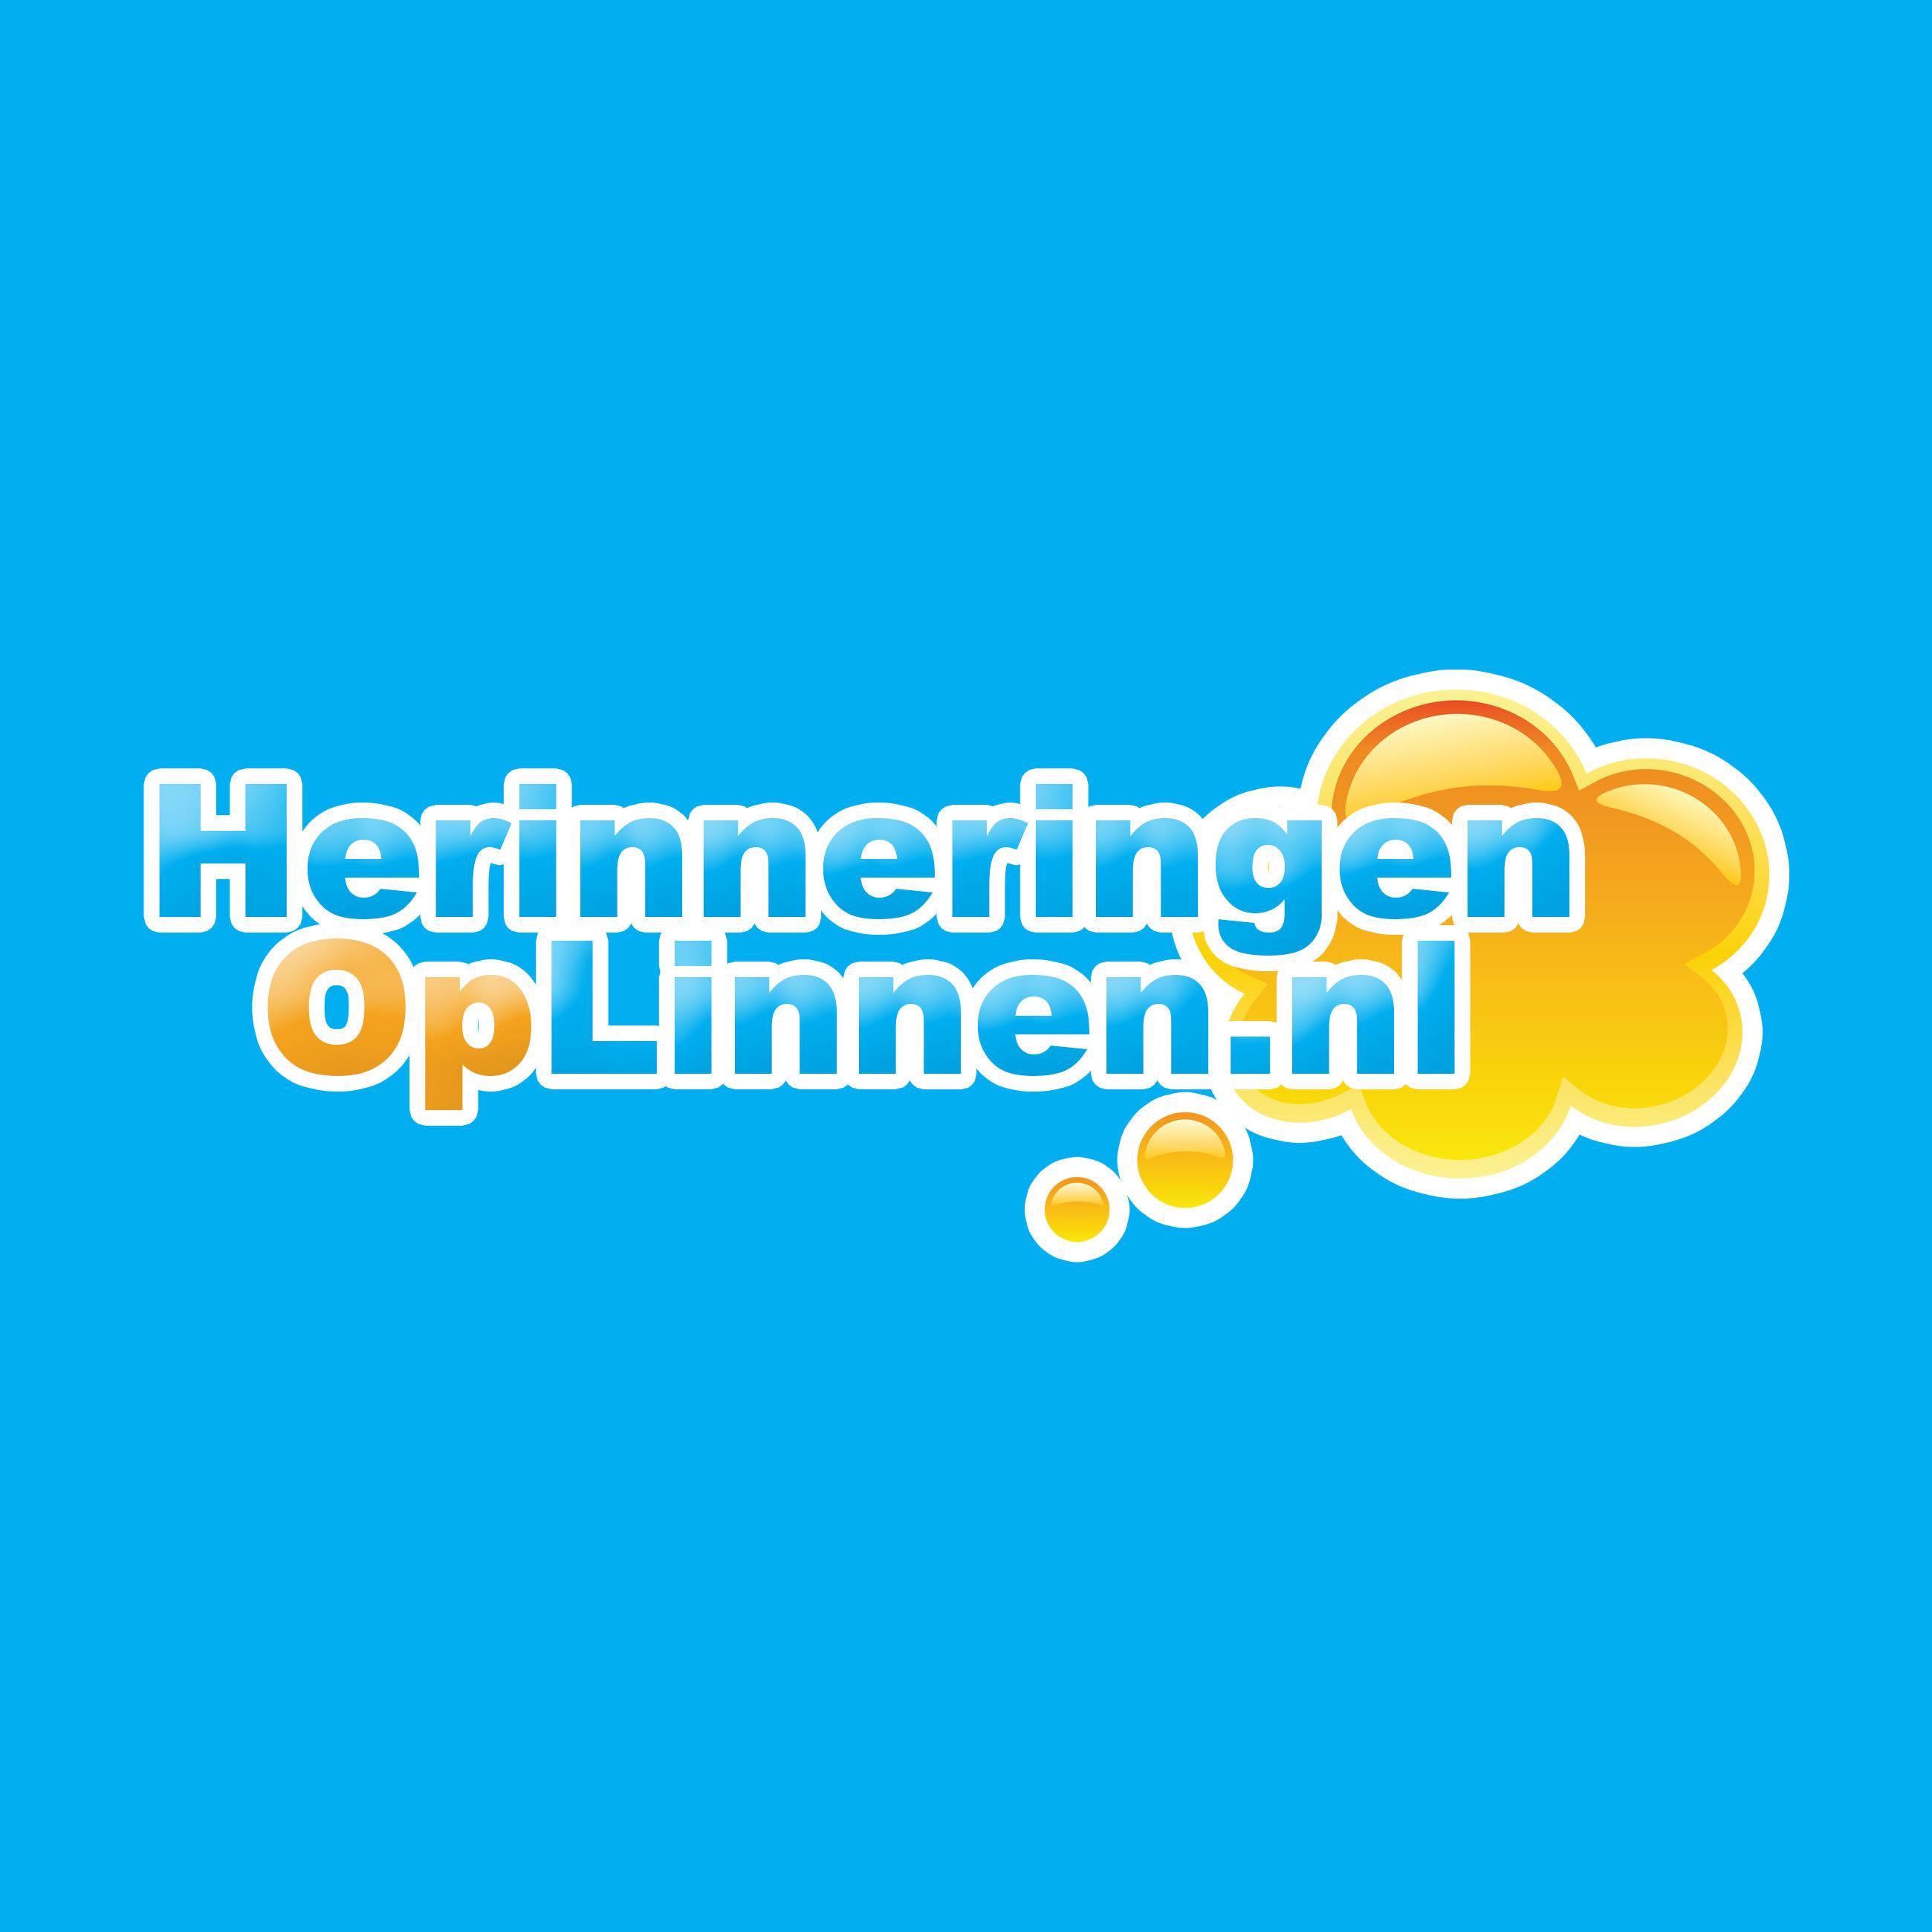 Met code 25% korting op alles @ Herinneringen op Linnen